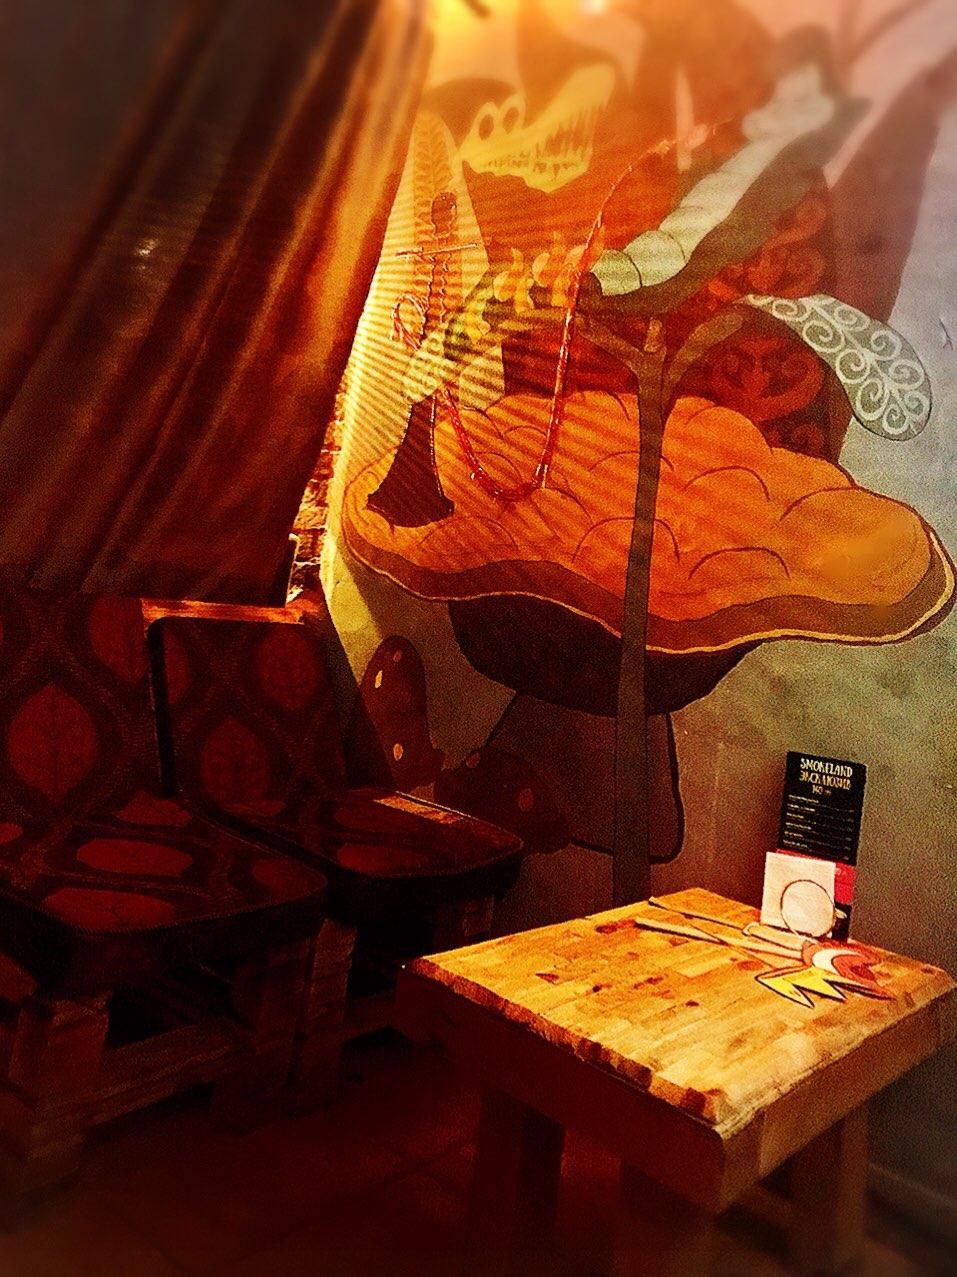 кальян бар киев, где покурить кальян киев, начало лета киев, вечеринка киев, лучший кальян киев, кальянная киев (8)